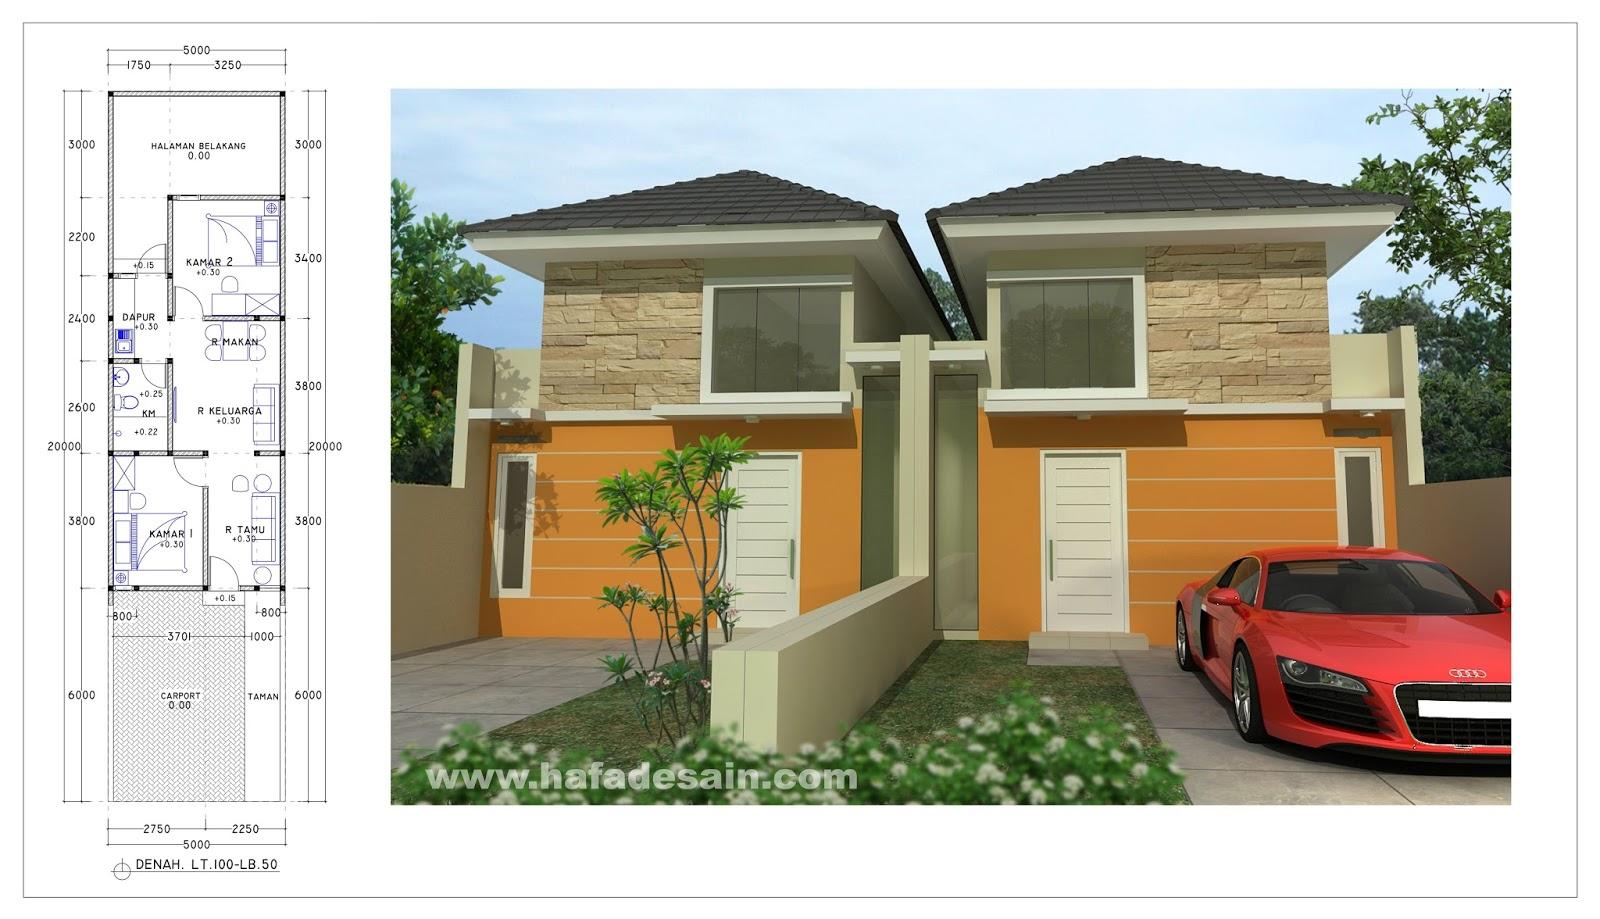 Desain Rumah Minimalis Lebar 5 Meter Kumpulan Desain Rumah